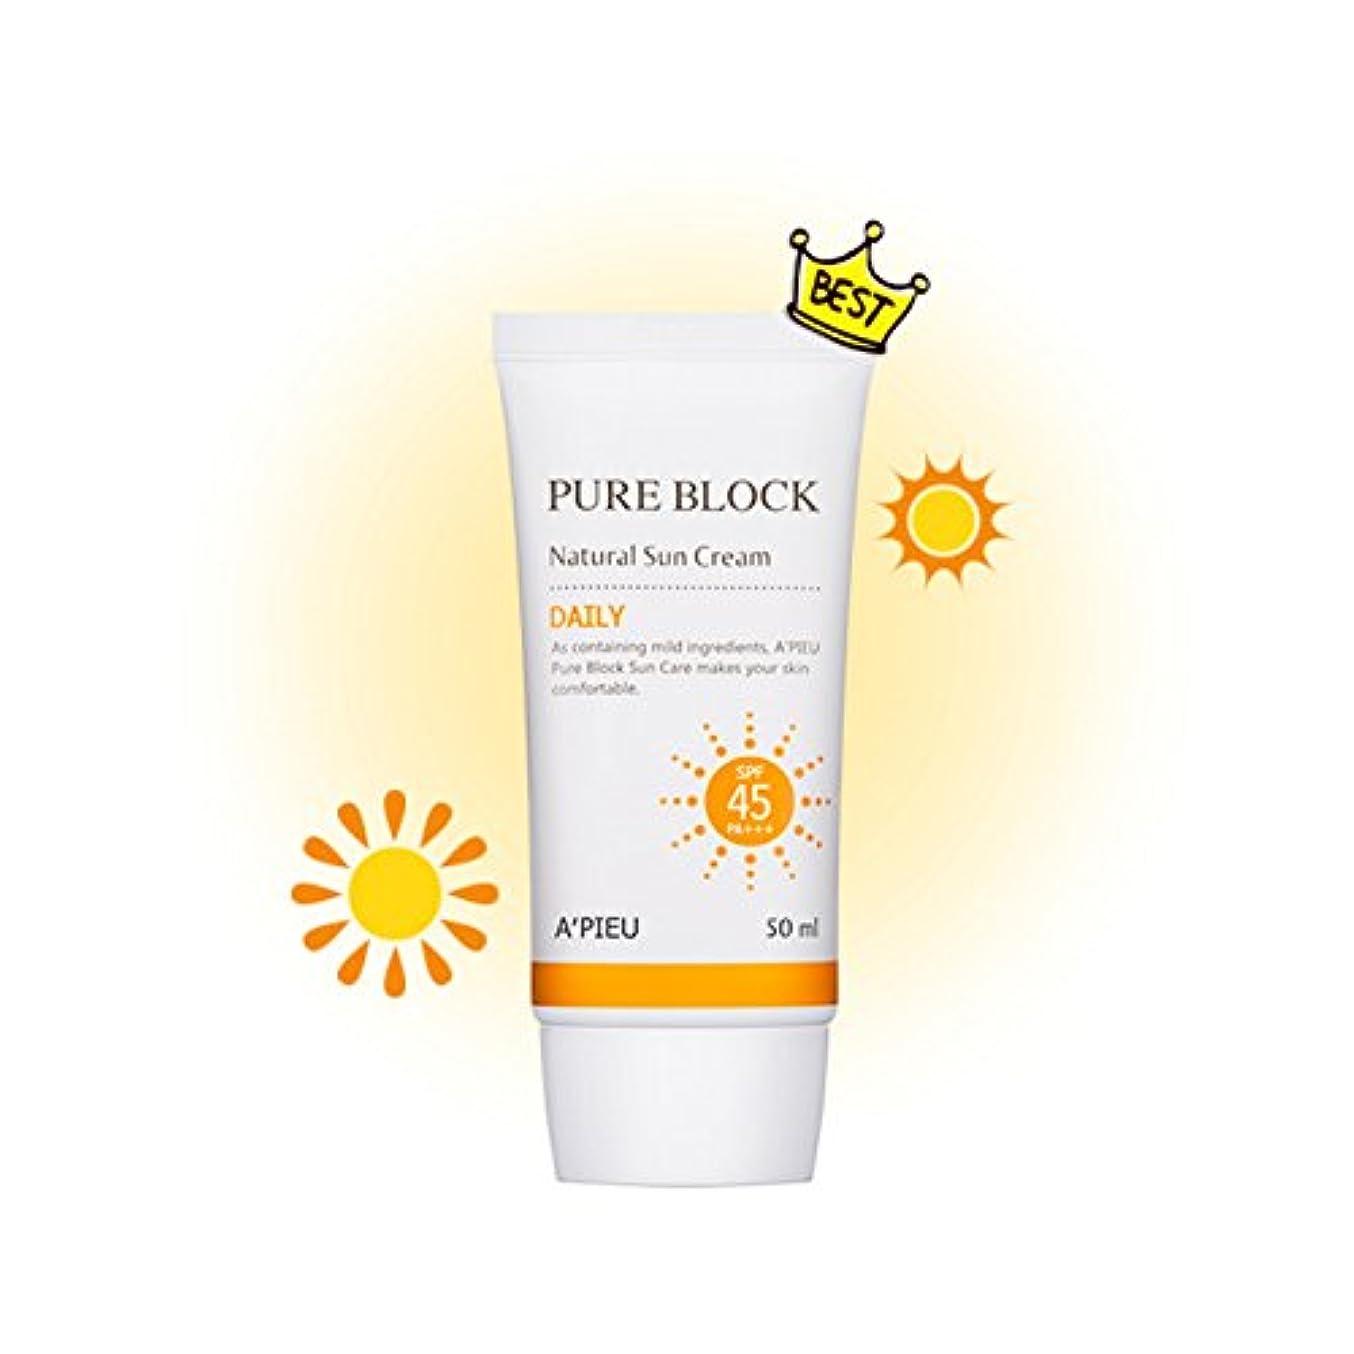 餌実際アルネ[オピュ] A'PIEU ピュアブロックナチュラルデイリー日焼け止め Pure Block Natural Daily Sun Cream SPF 45 PA+++ [並行輸入品]